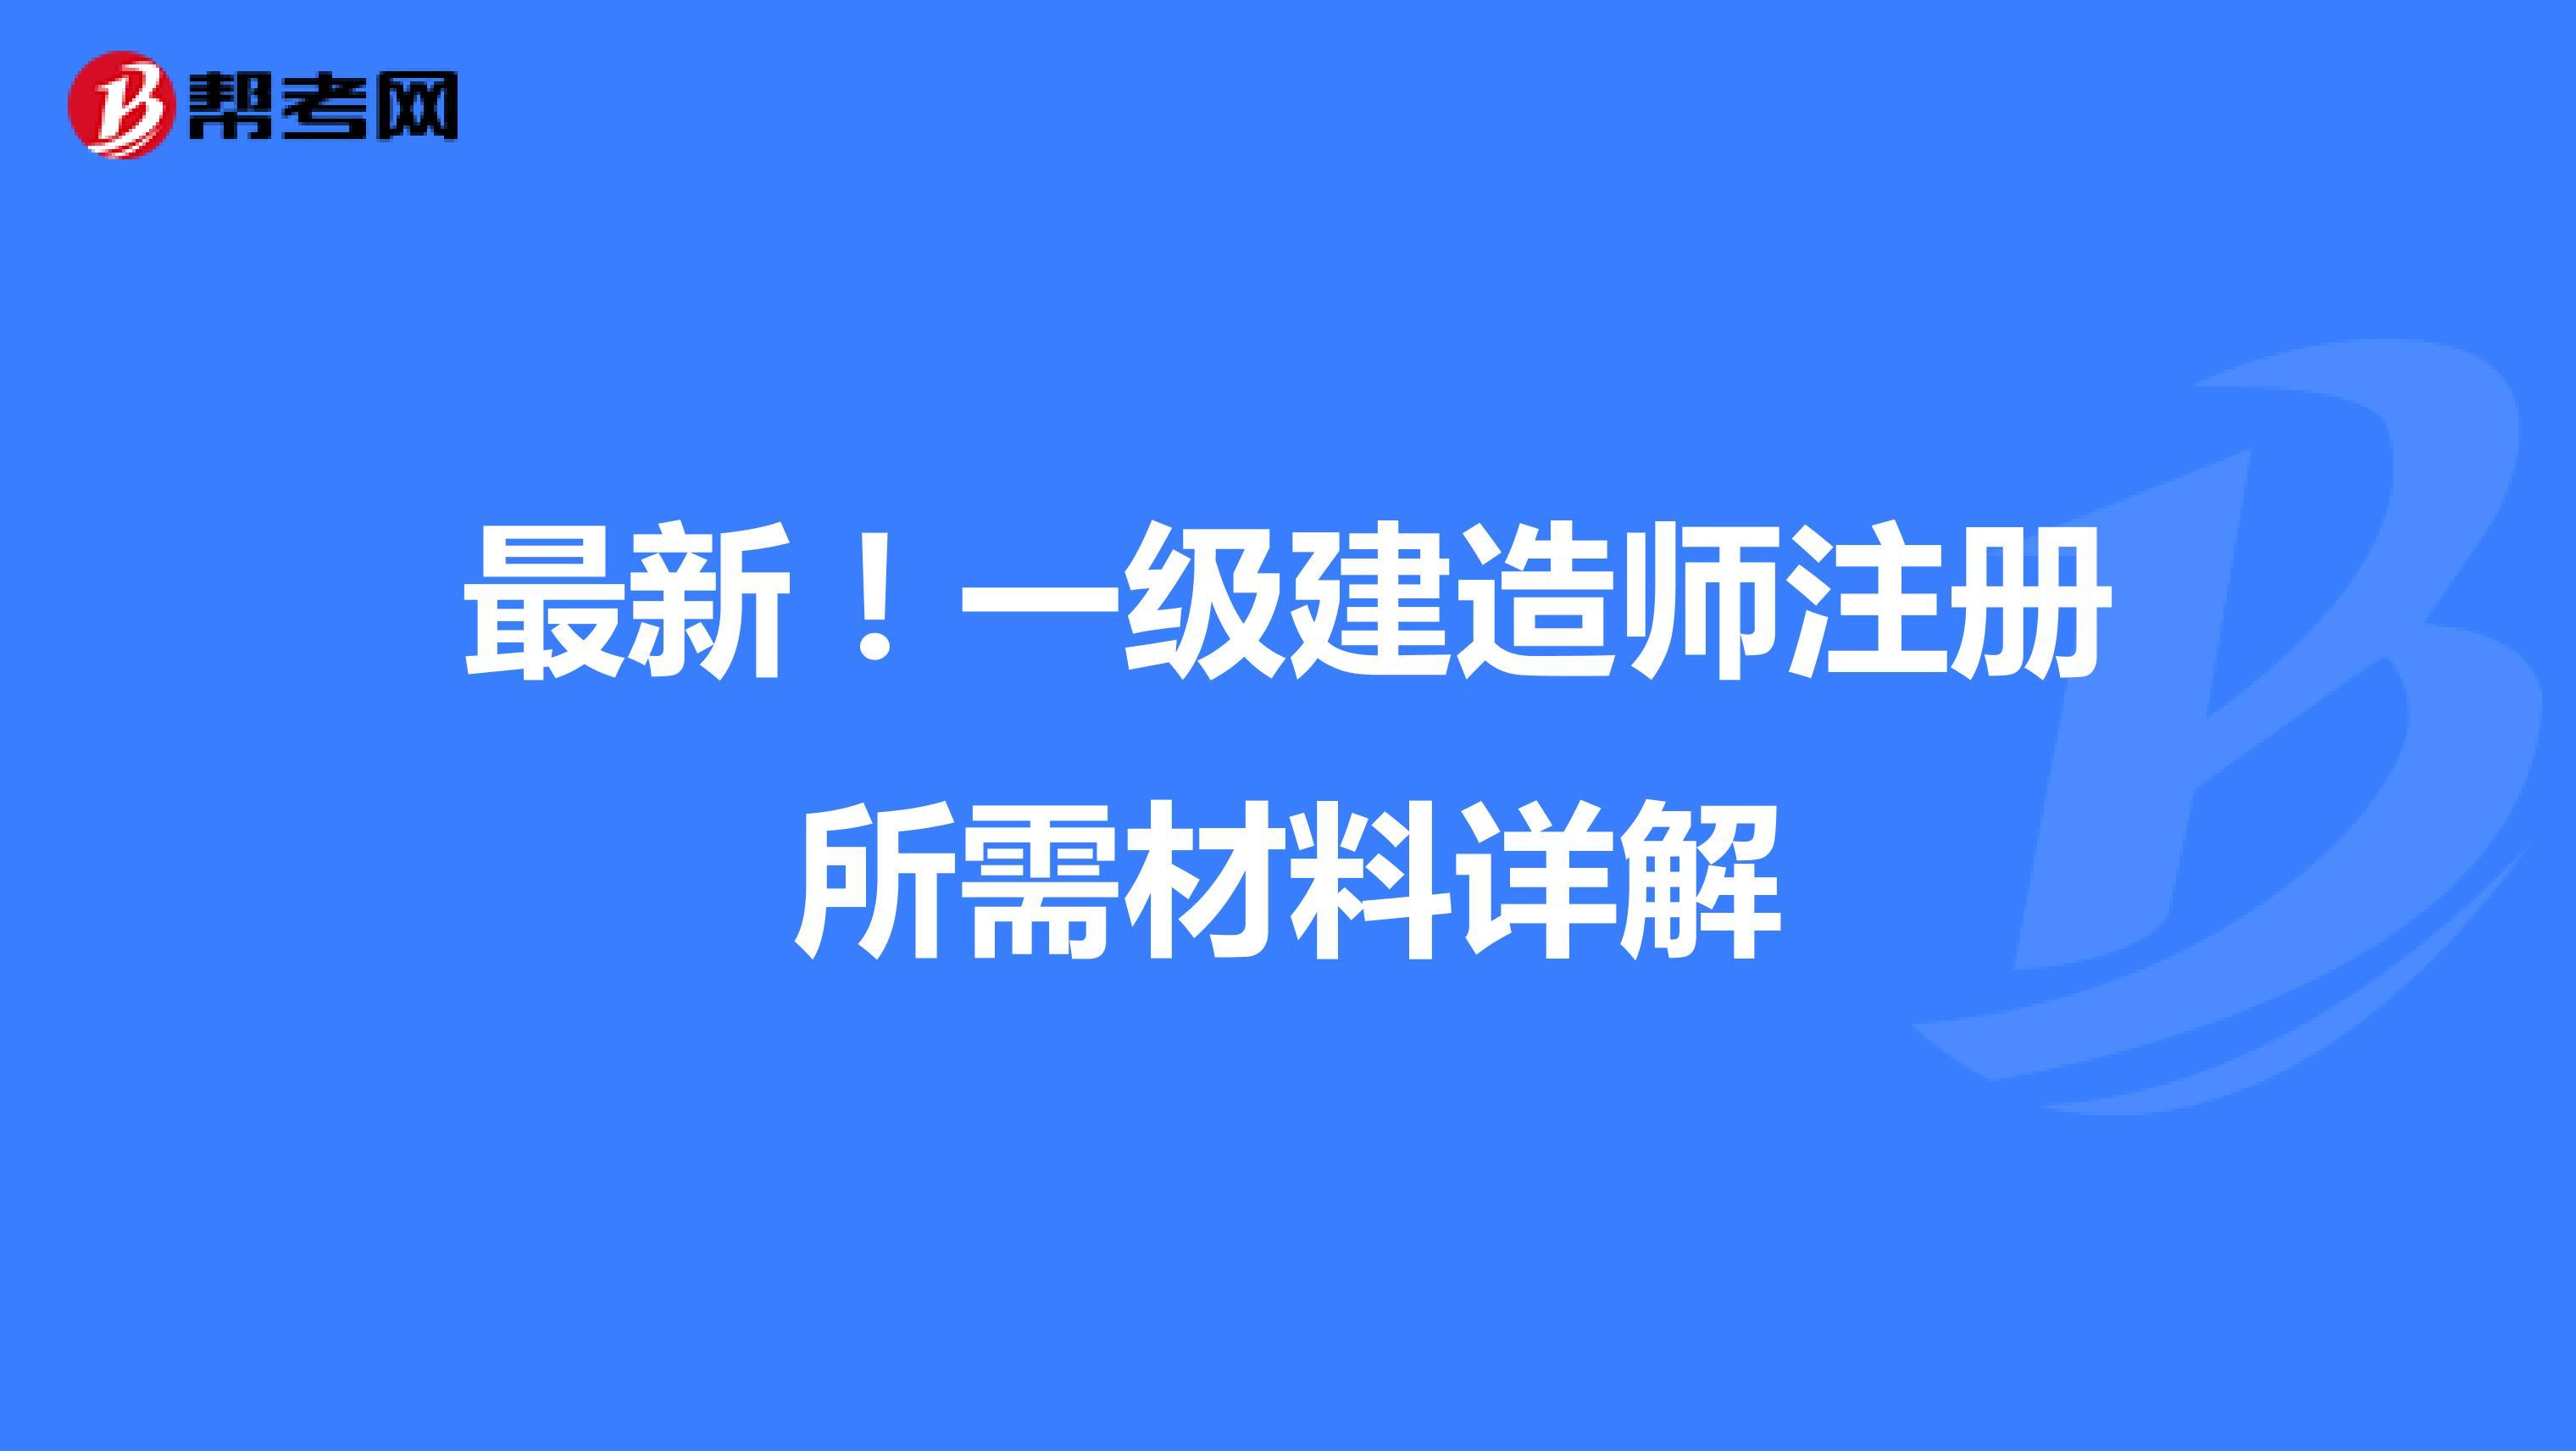 最新!【热竞技下载开户】一级建造师注册所需材料详解